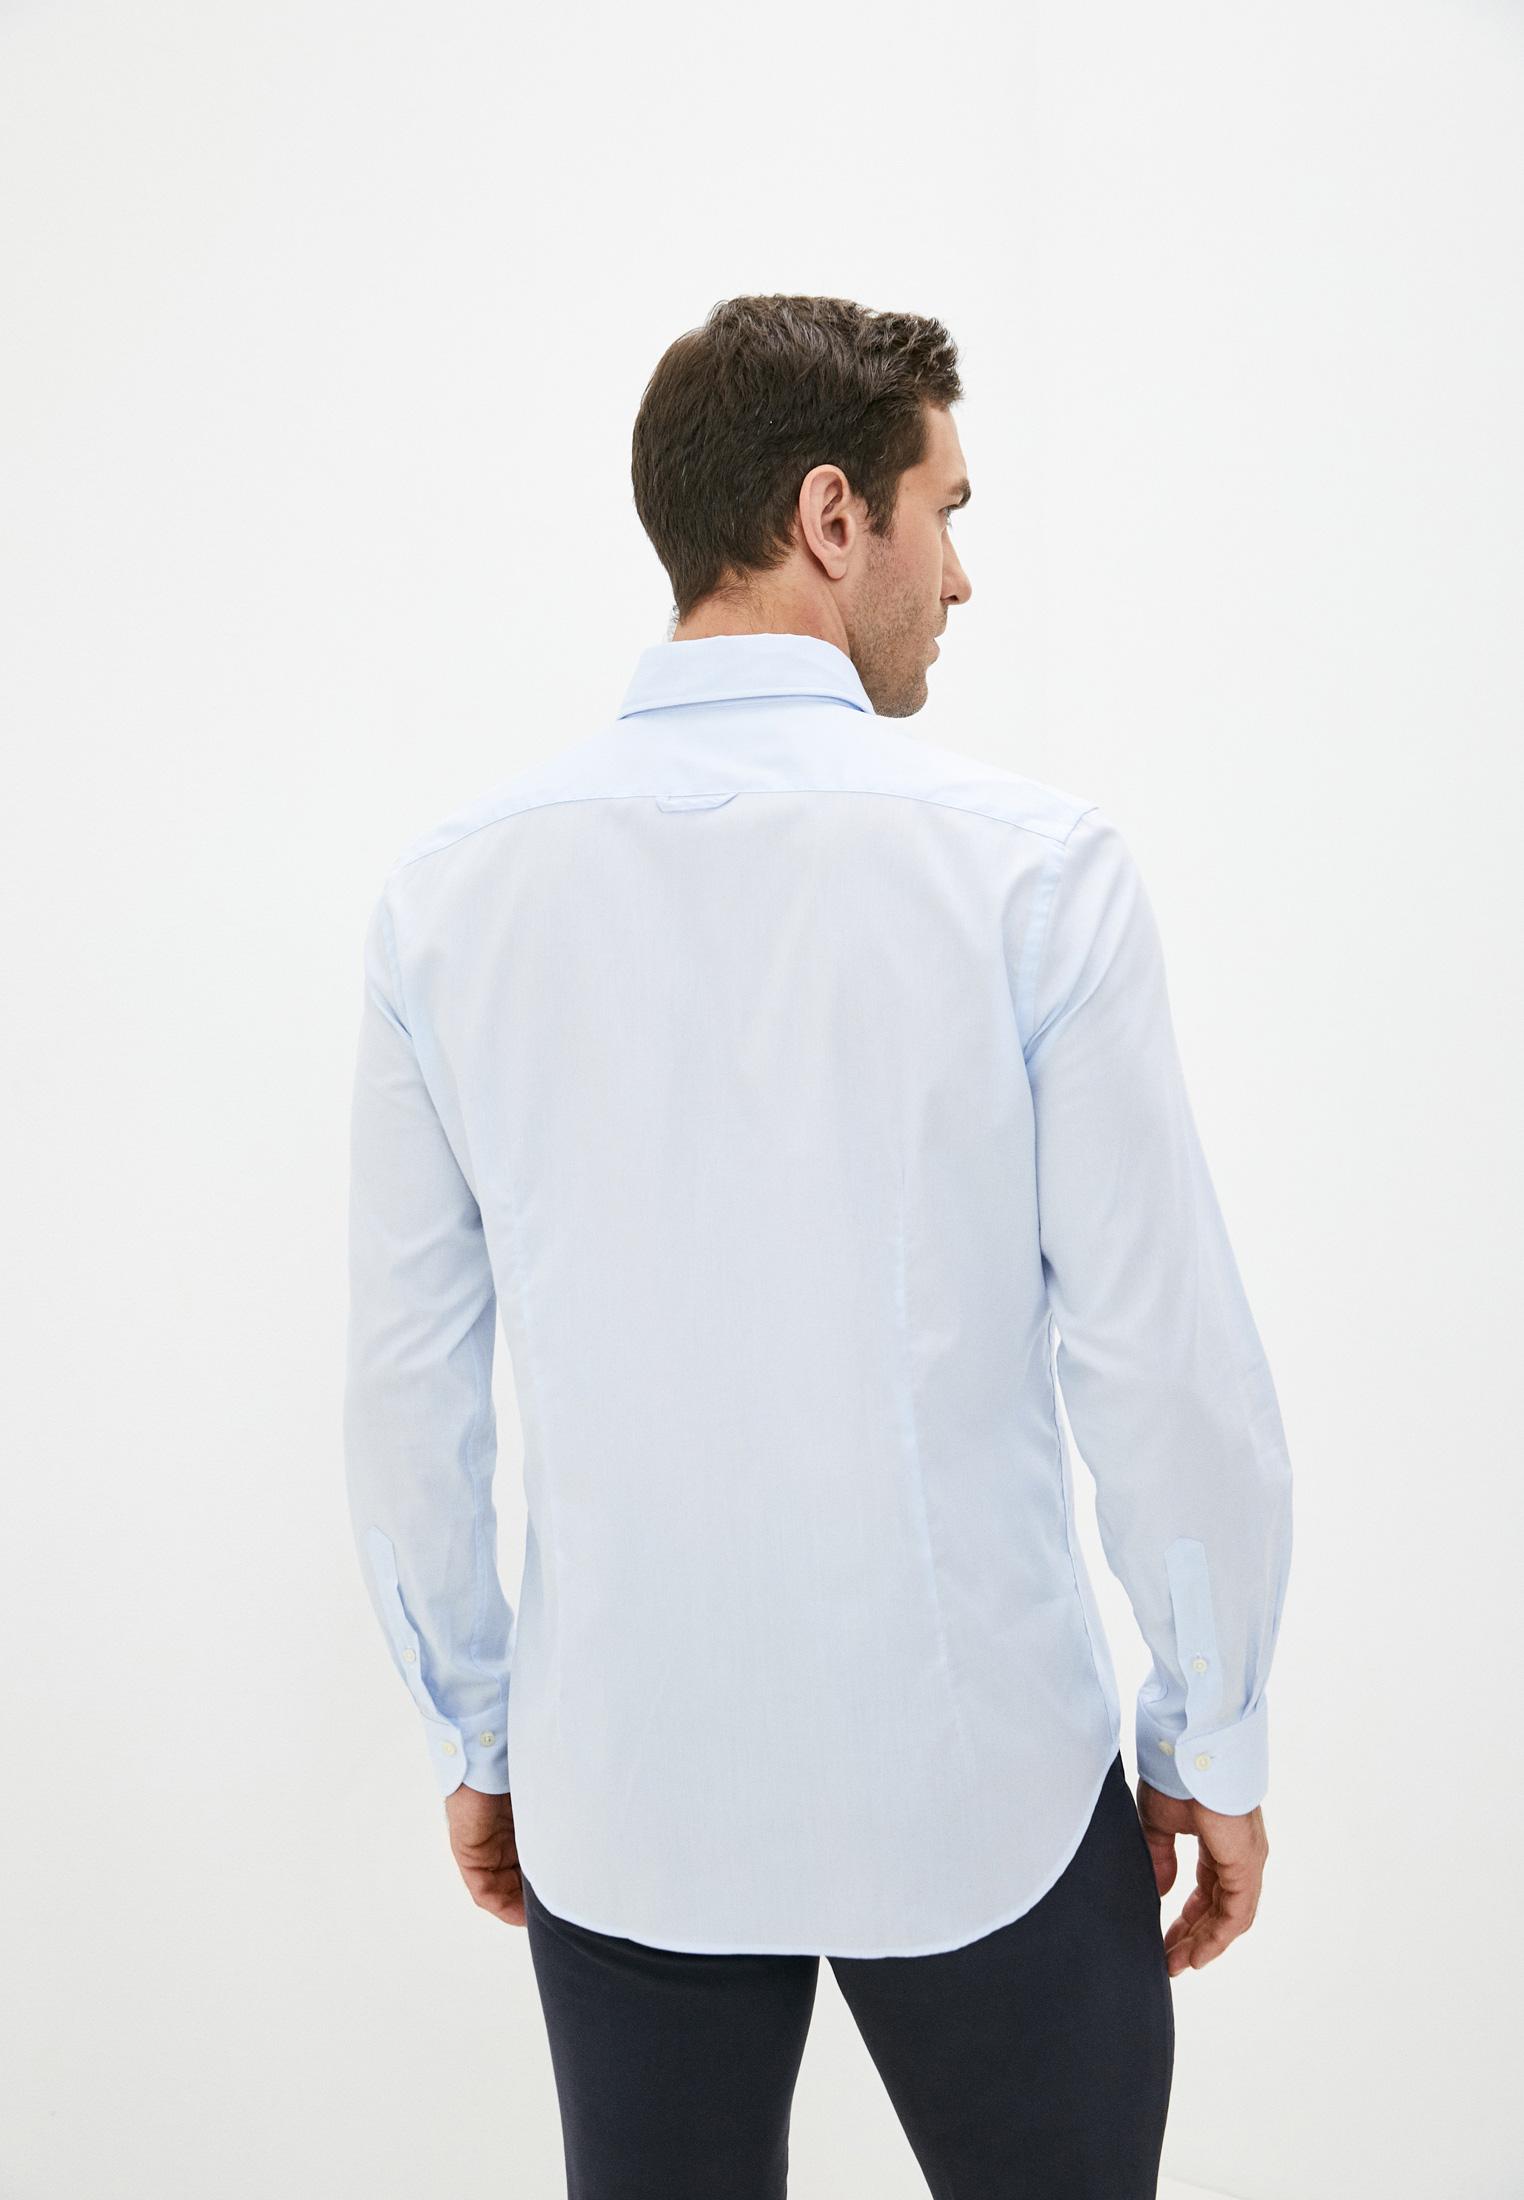 Рубашка с длинным рукавом BALDESSARINI (Балдессарини) 10006.4974: изображение 4